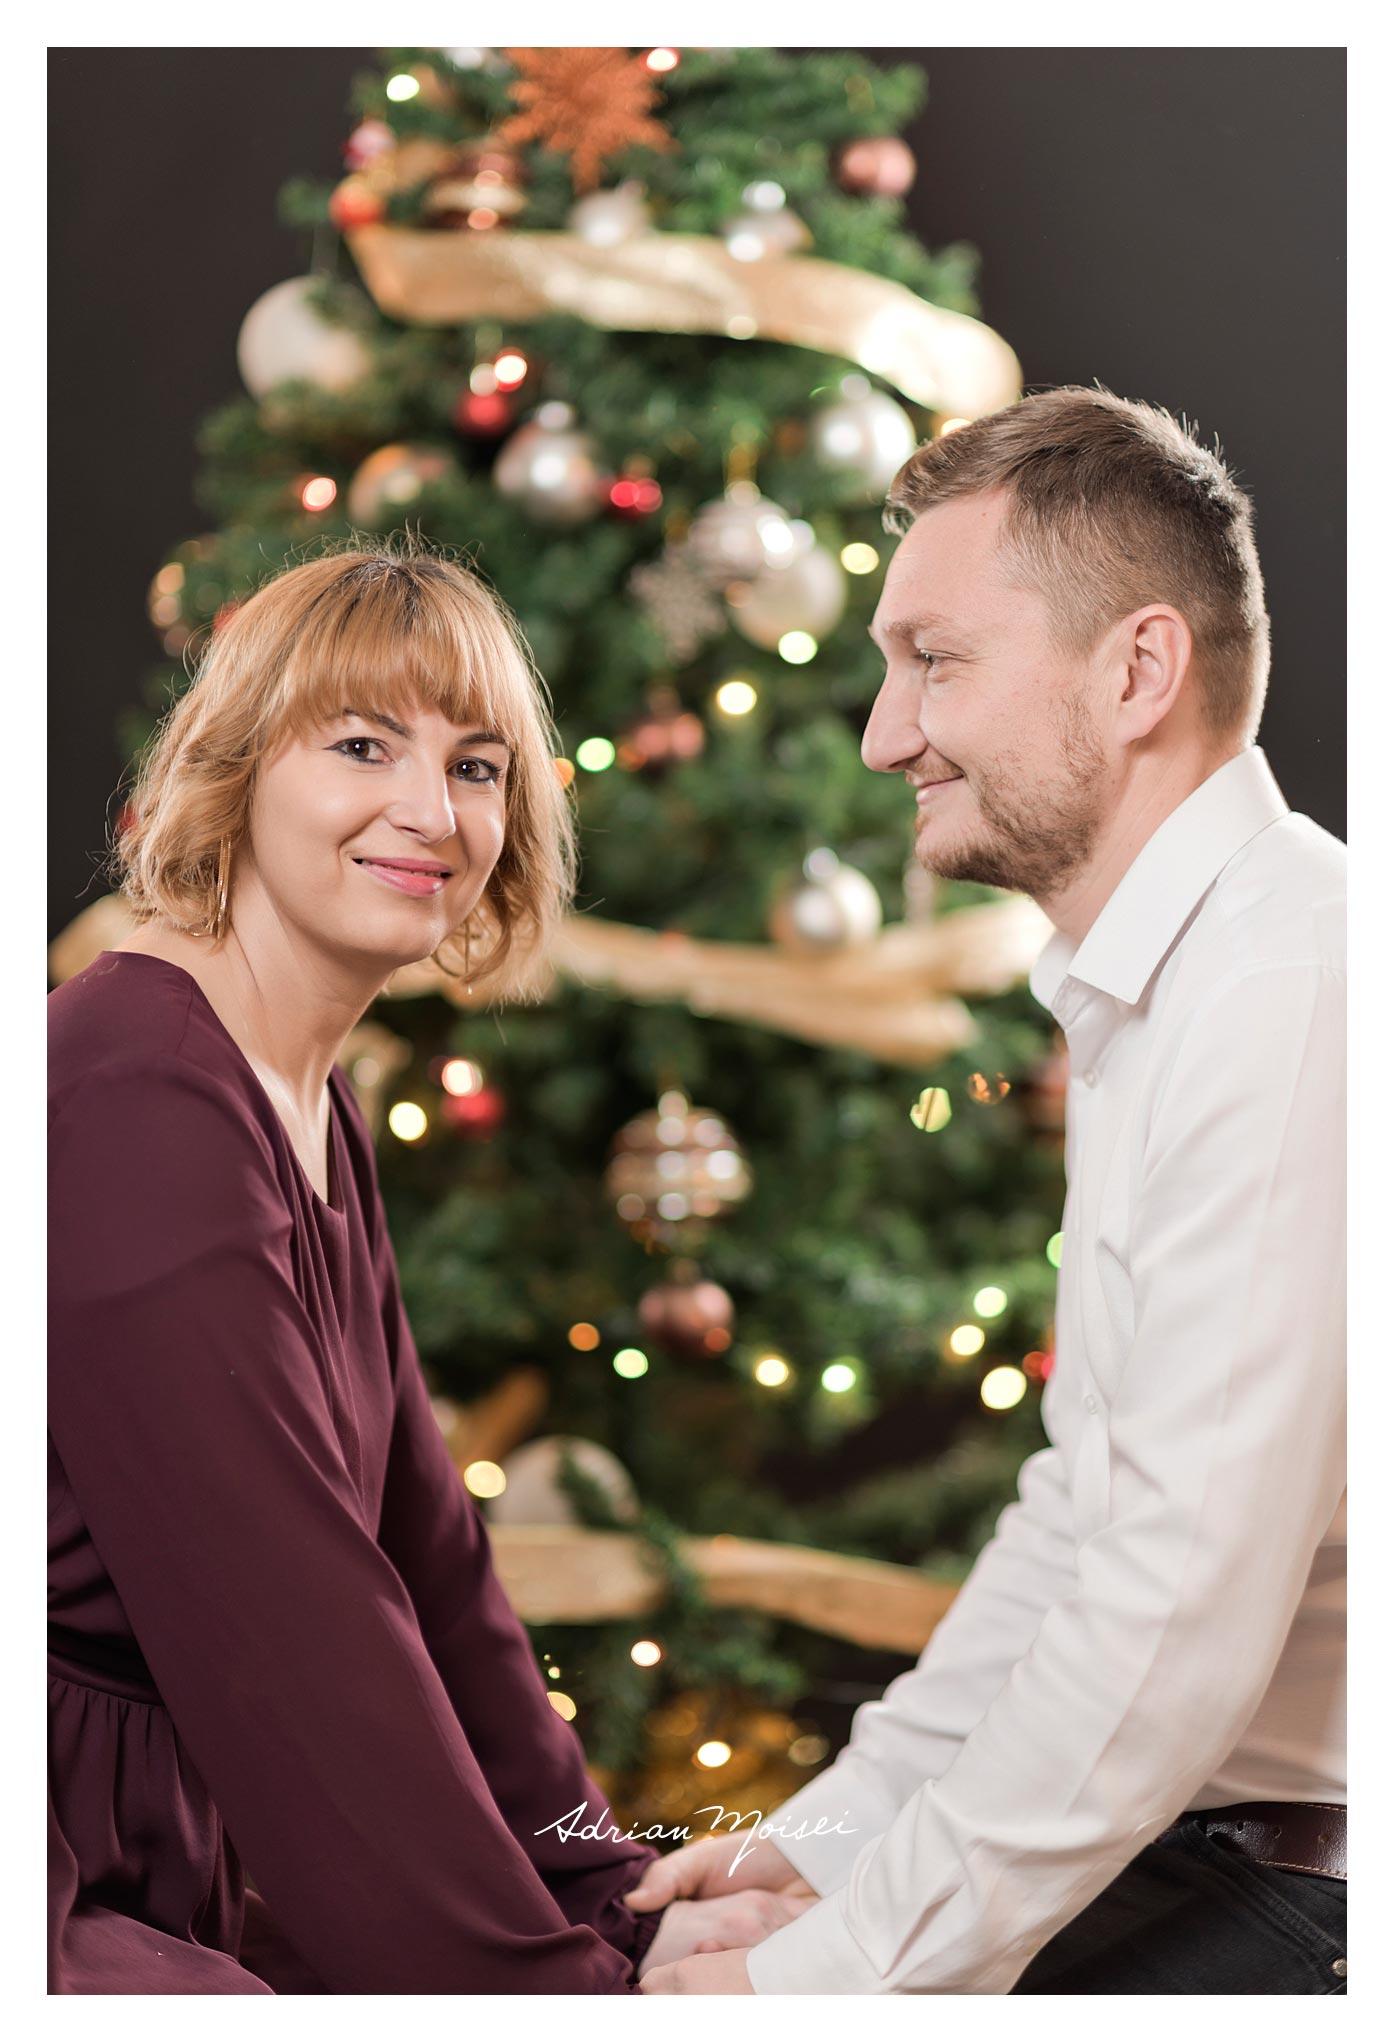 Crăciunul fotografie de familie, Adrian Moisei Iași.